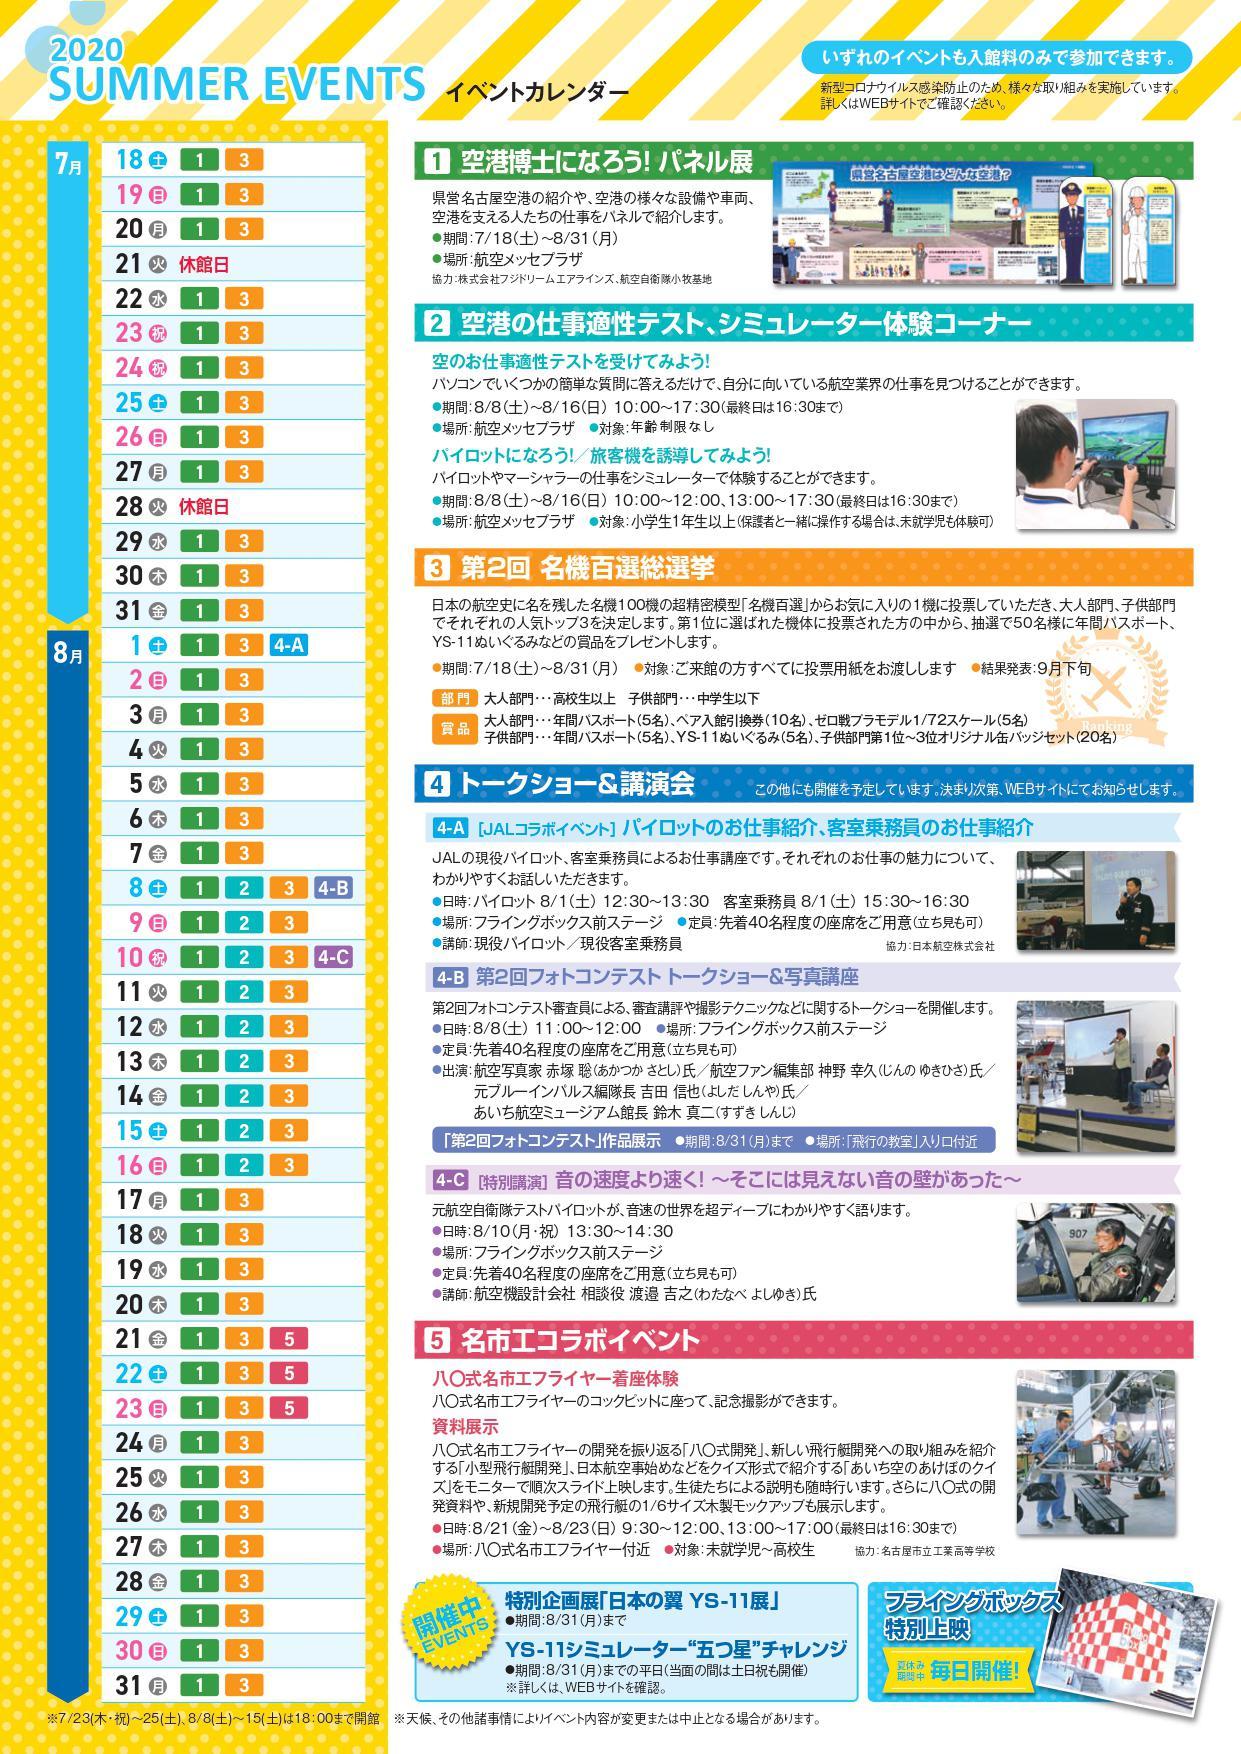 (〇裏面適性修正)夏休みイベントチラシ_200625_2_page-0002.jpg